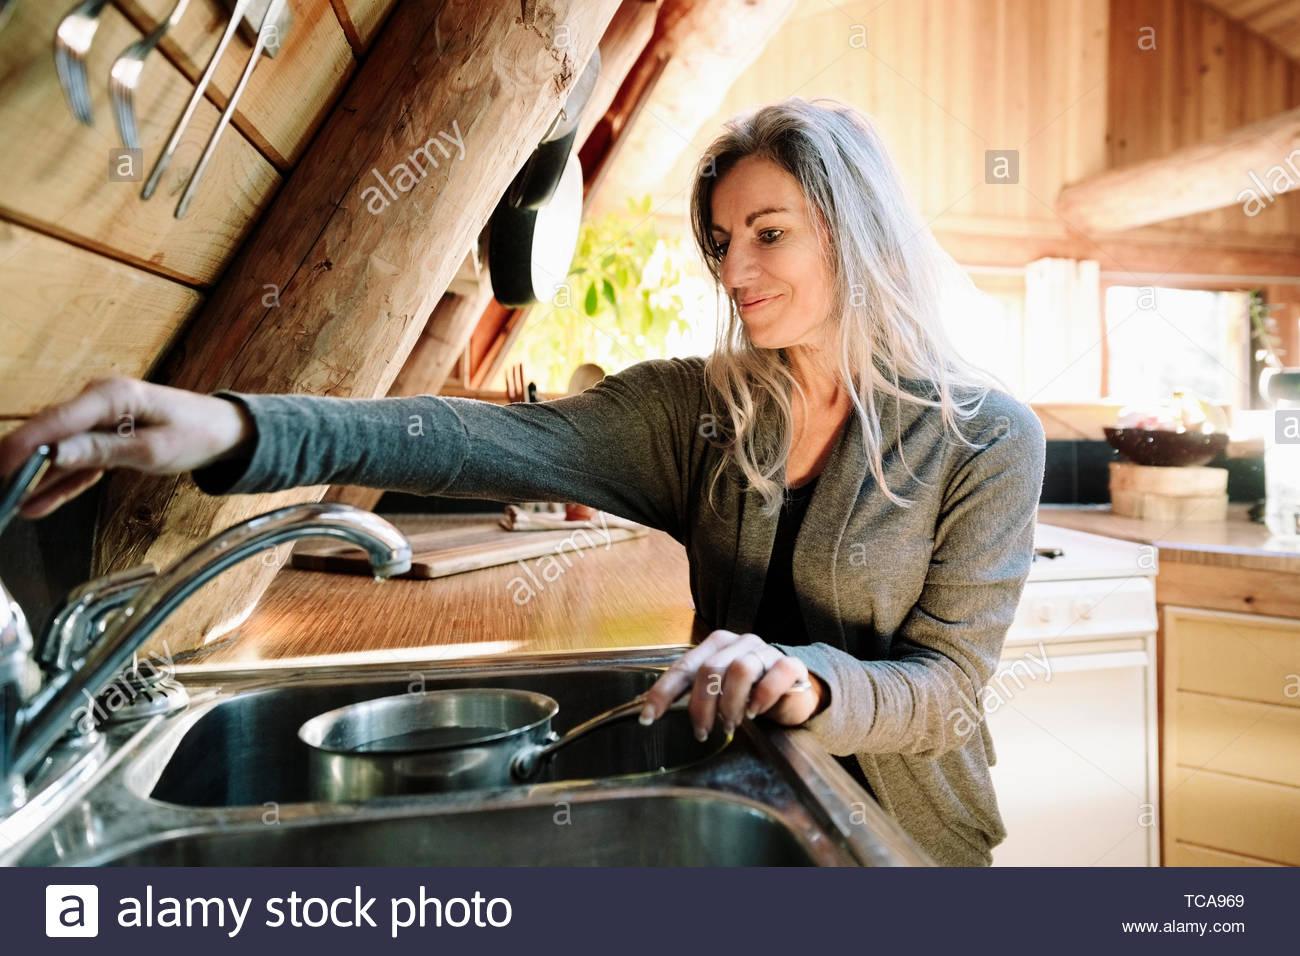 Frau Topf mit Wasser füllen, kochen in der Kabine Küche Stockbild